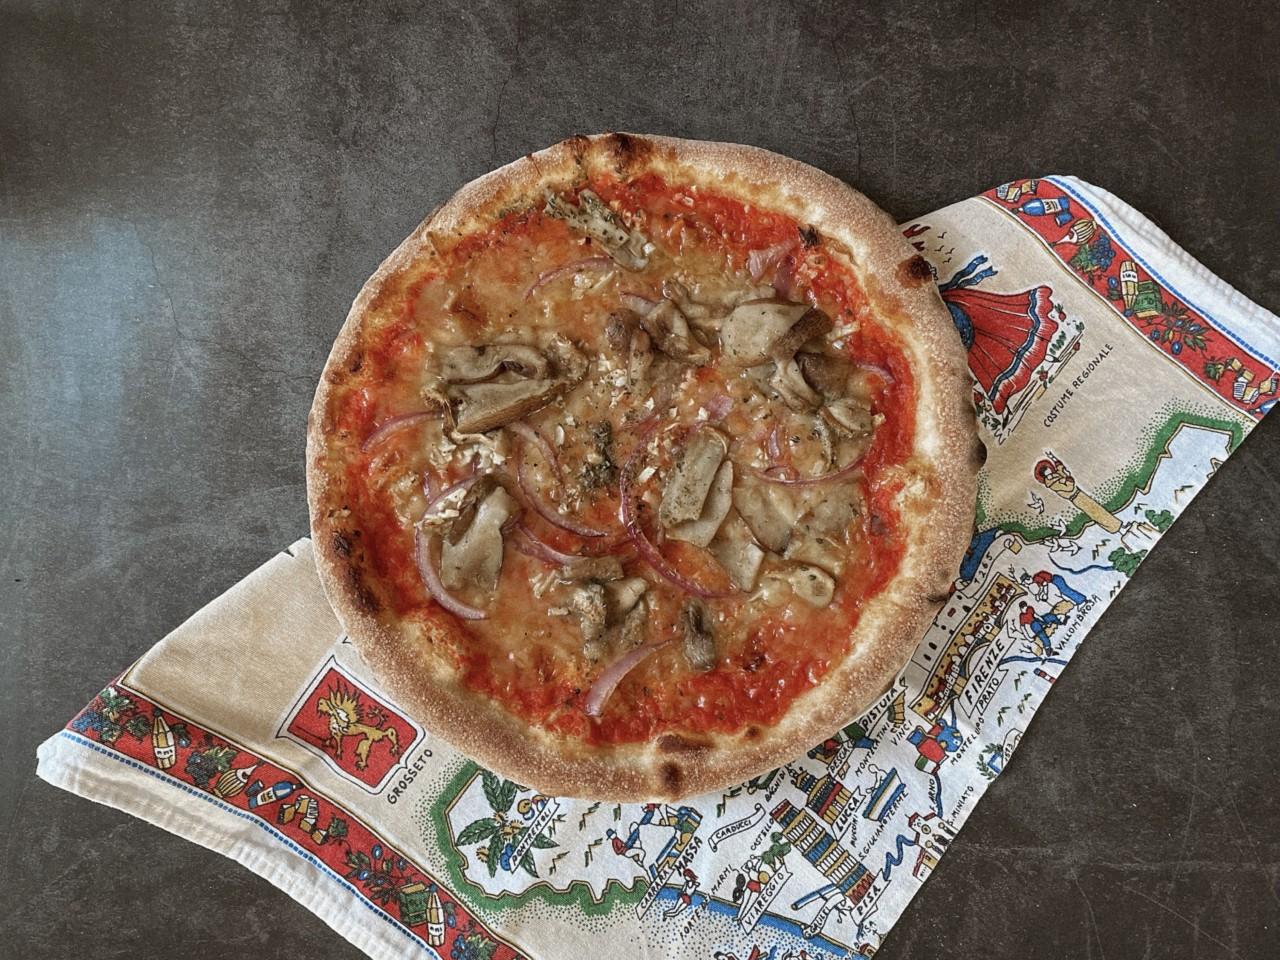 So sollte eine Pizza aussehen - nicht zu überladen und mit knusprigem Rand! Foto: Lunchgate/Selina